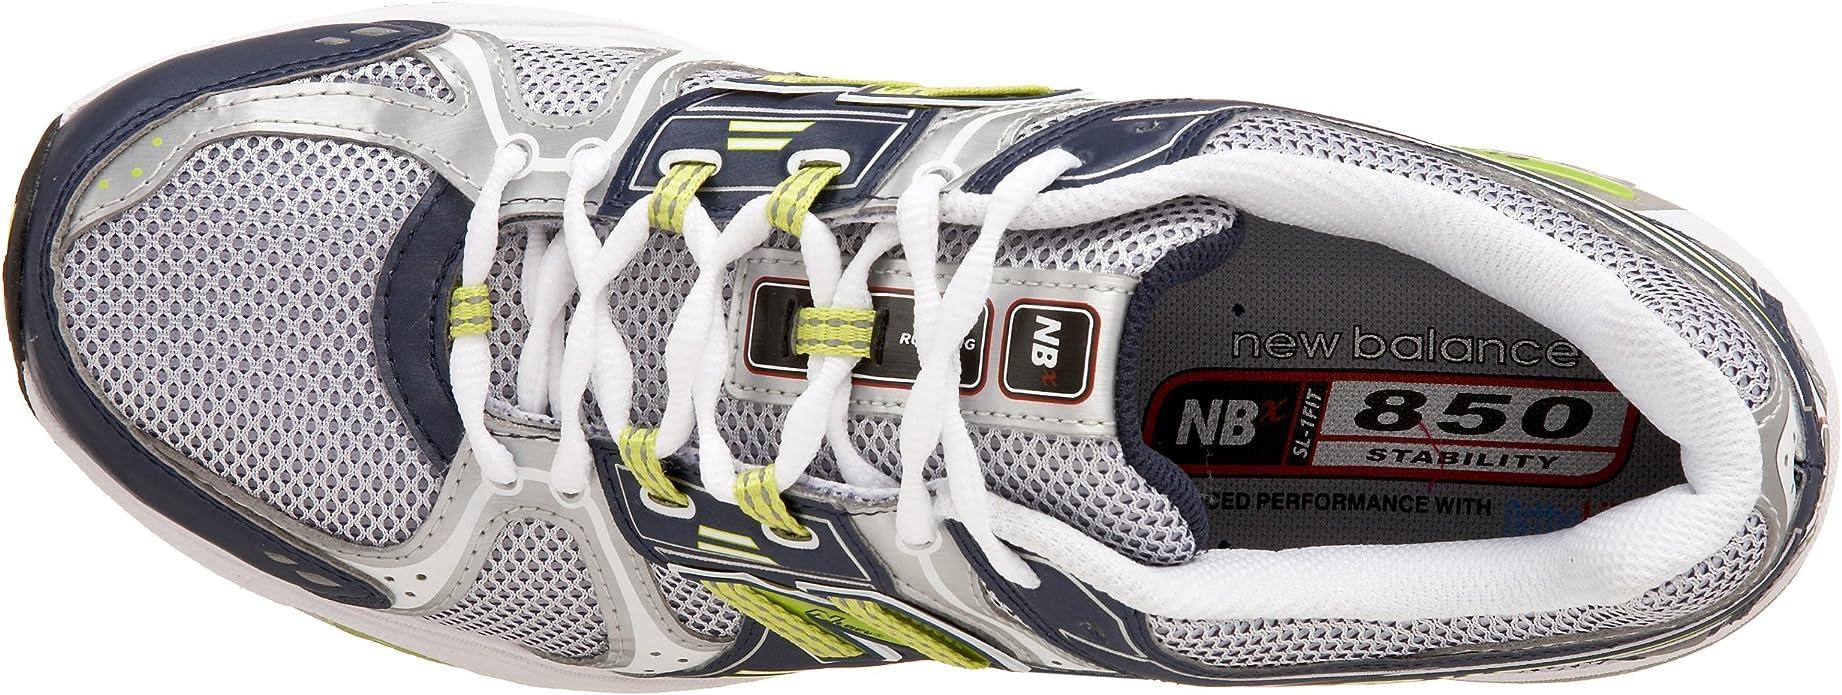 New Balance MR850ST - Zapatillas de Running para Hombre: Amazon.es: Zapatos y complementos